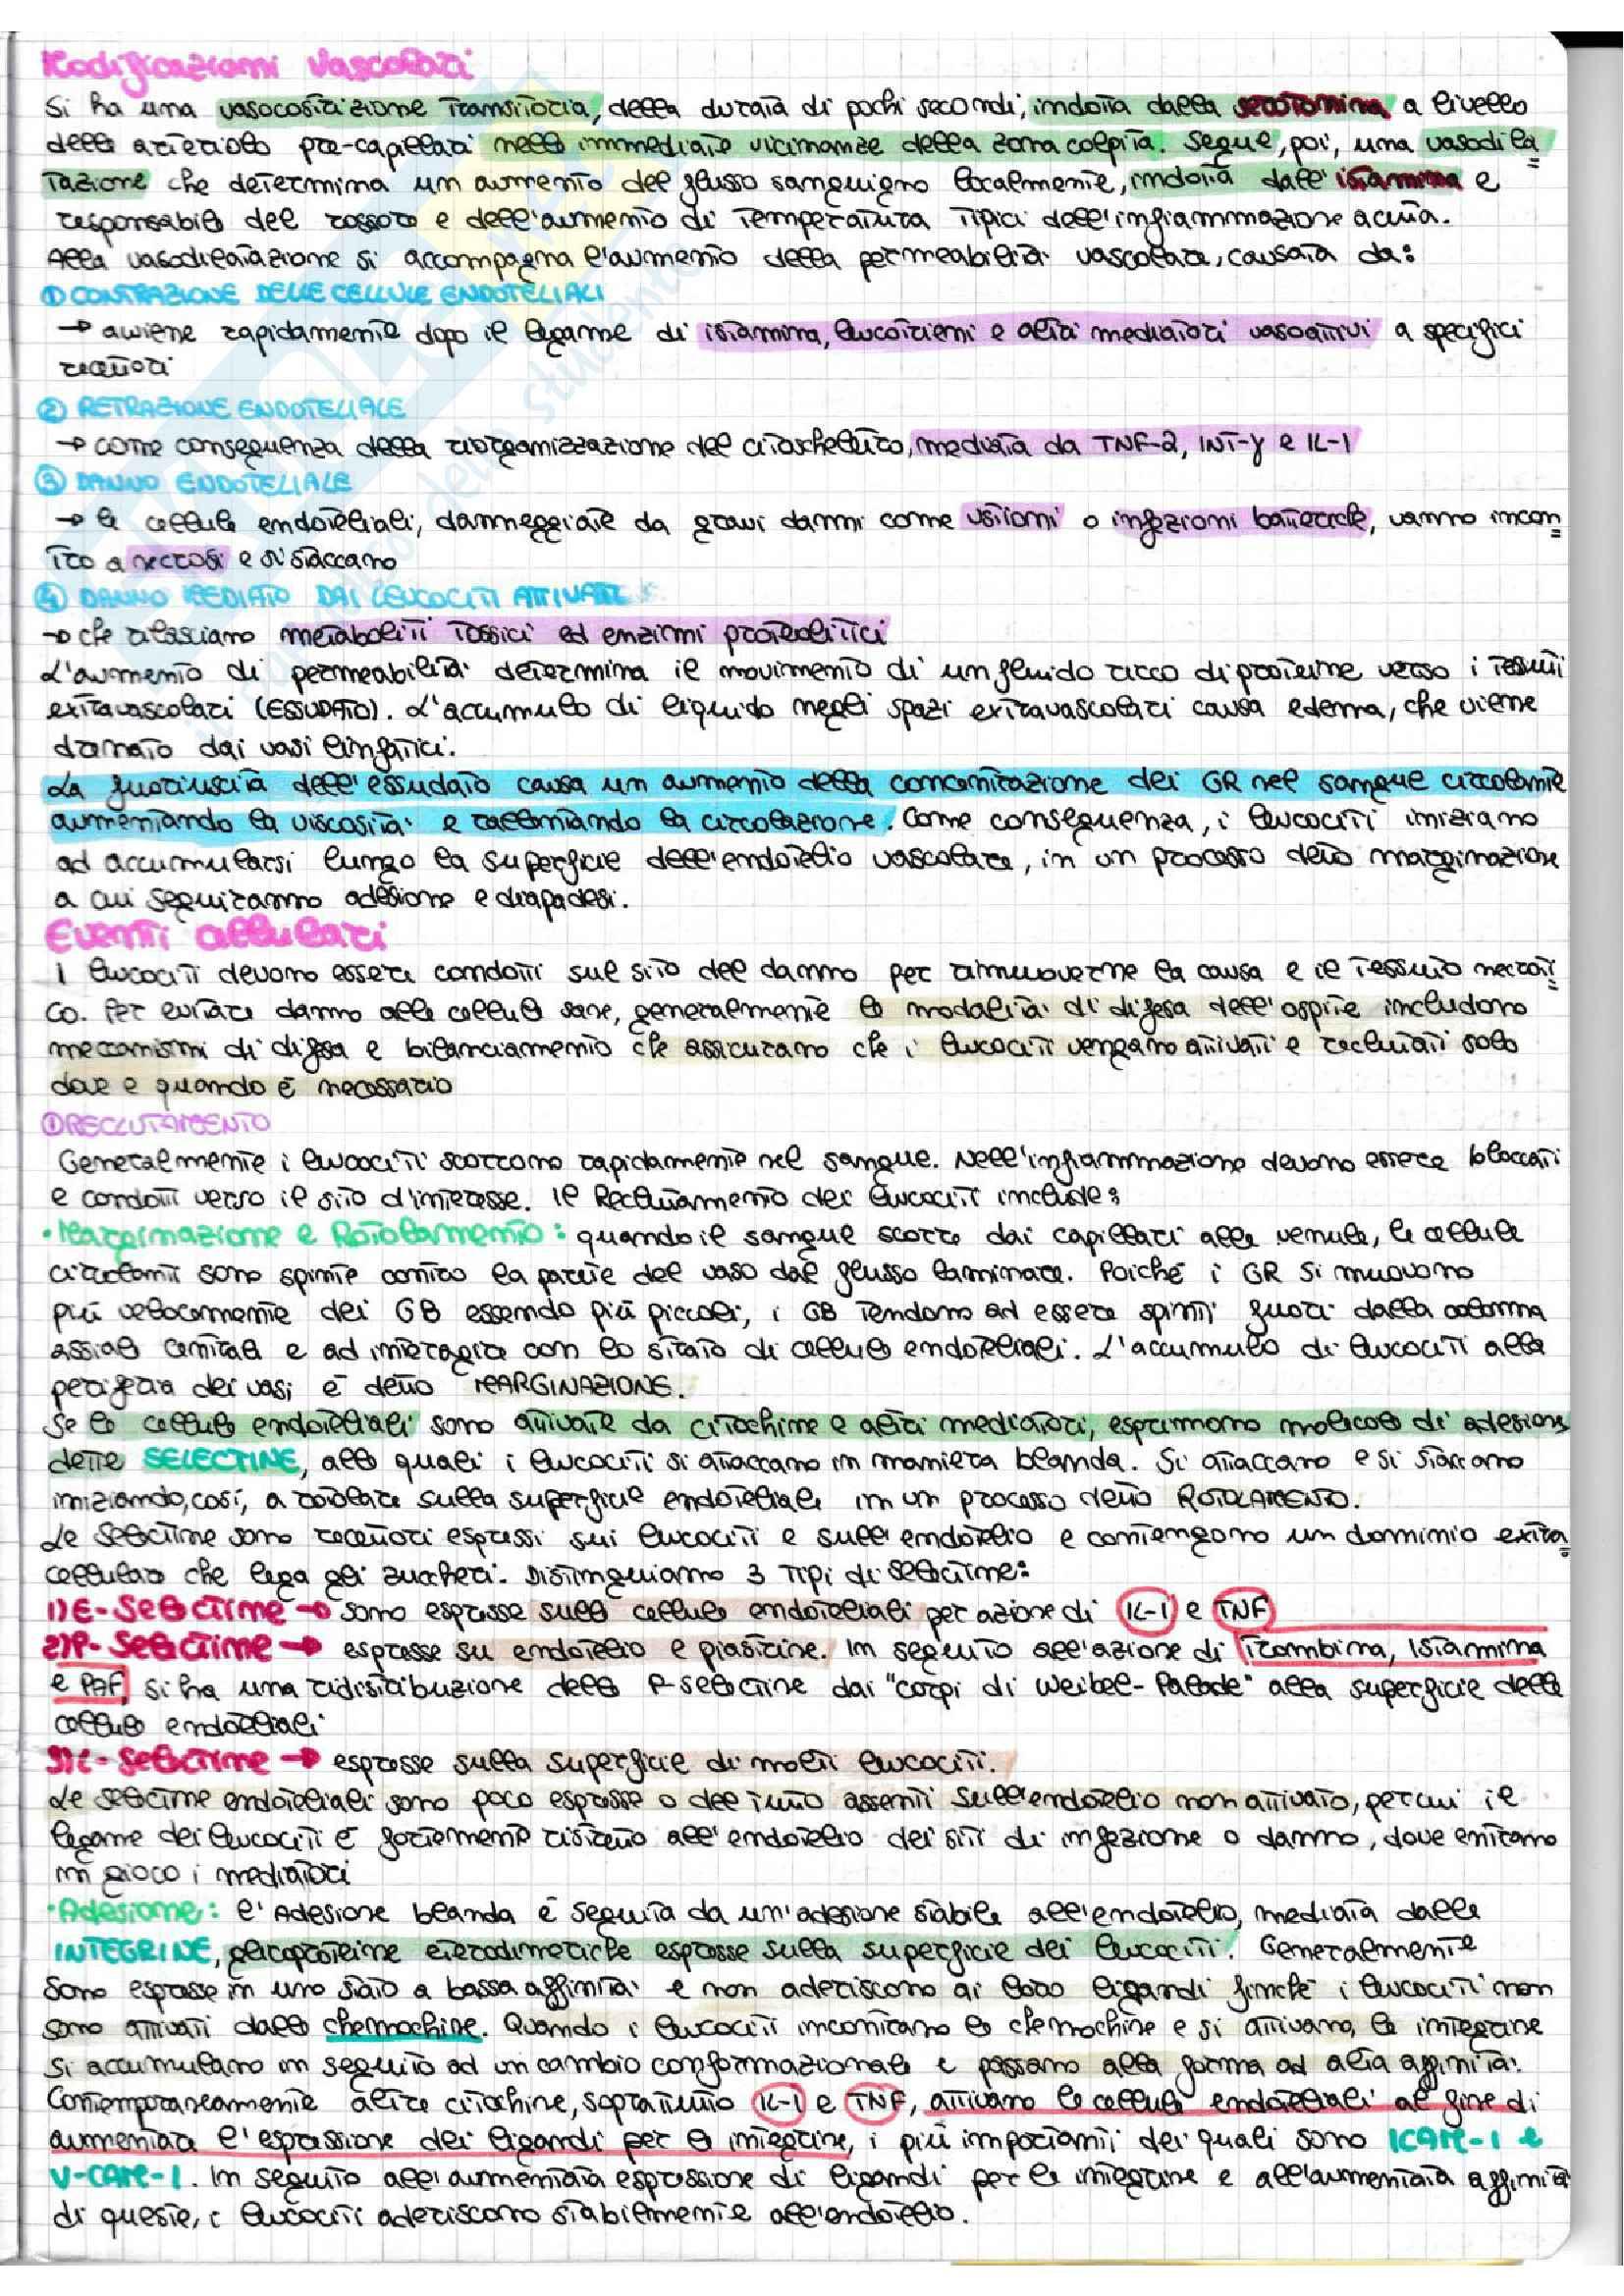 Infiammazione acuta e cronica + schemi riassuntivi Pag. 2